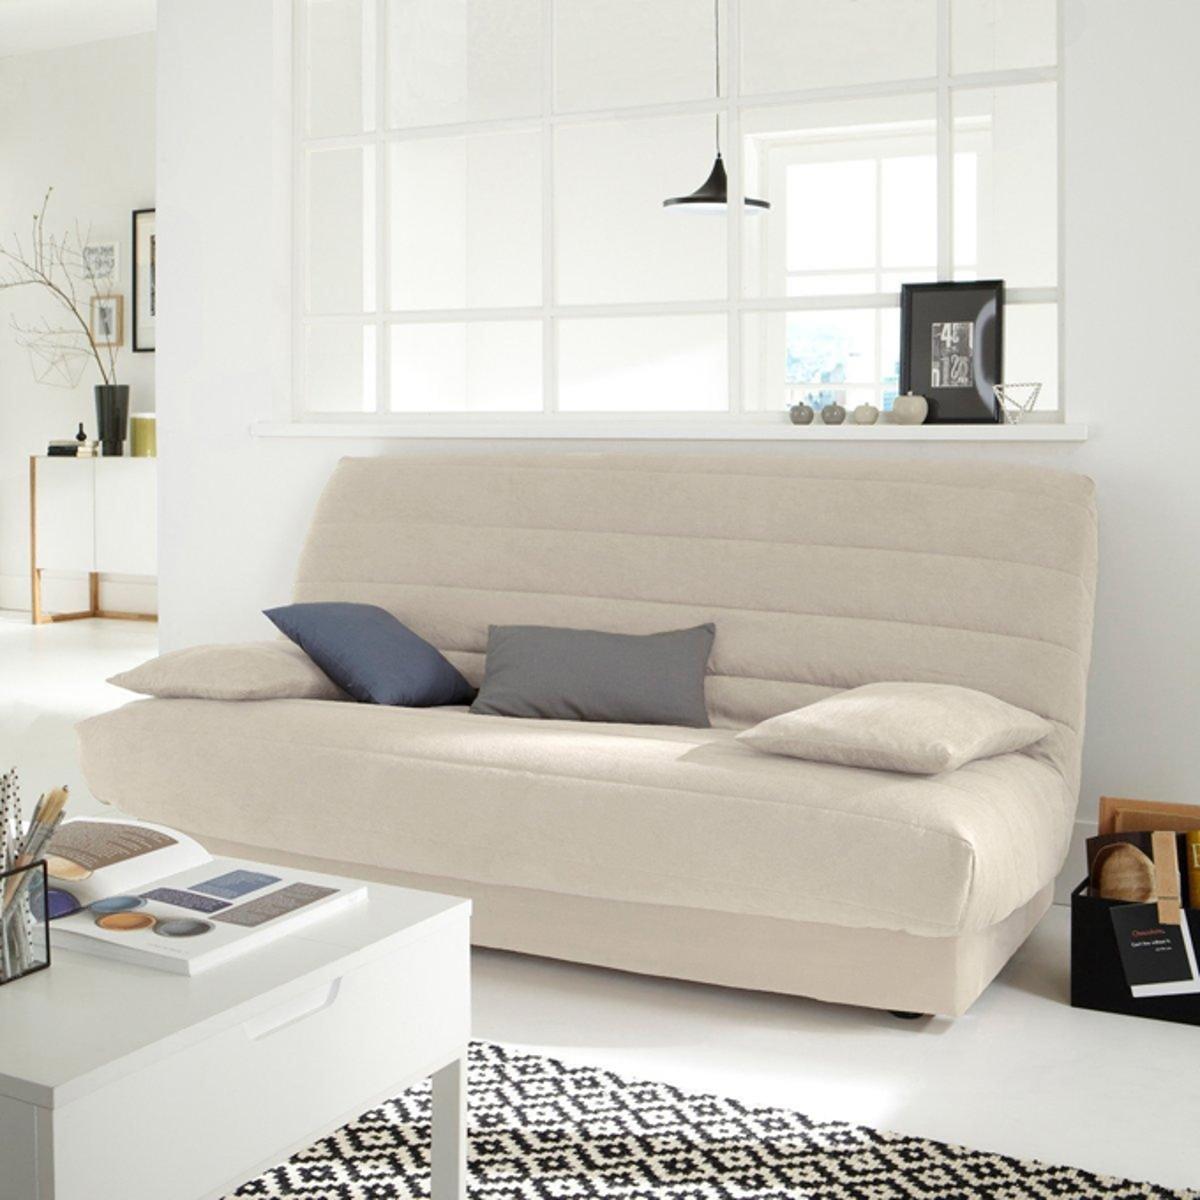 Чехол La Redoute Для основания раскладного дивана из искусственной замши единый размер бежевый